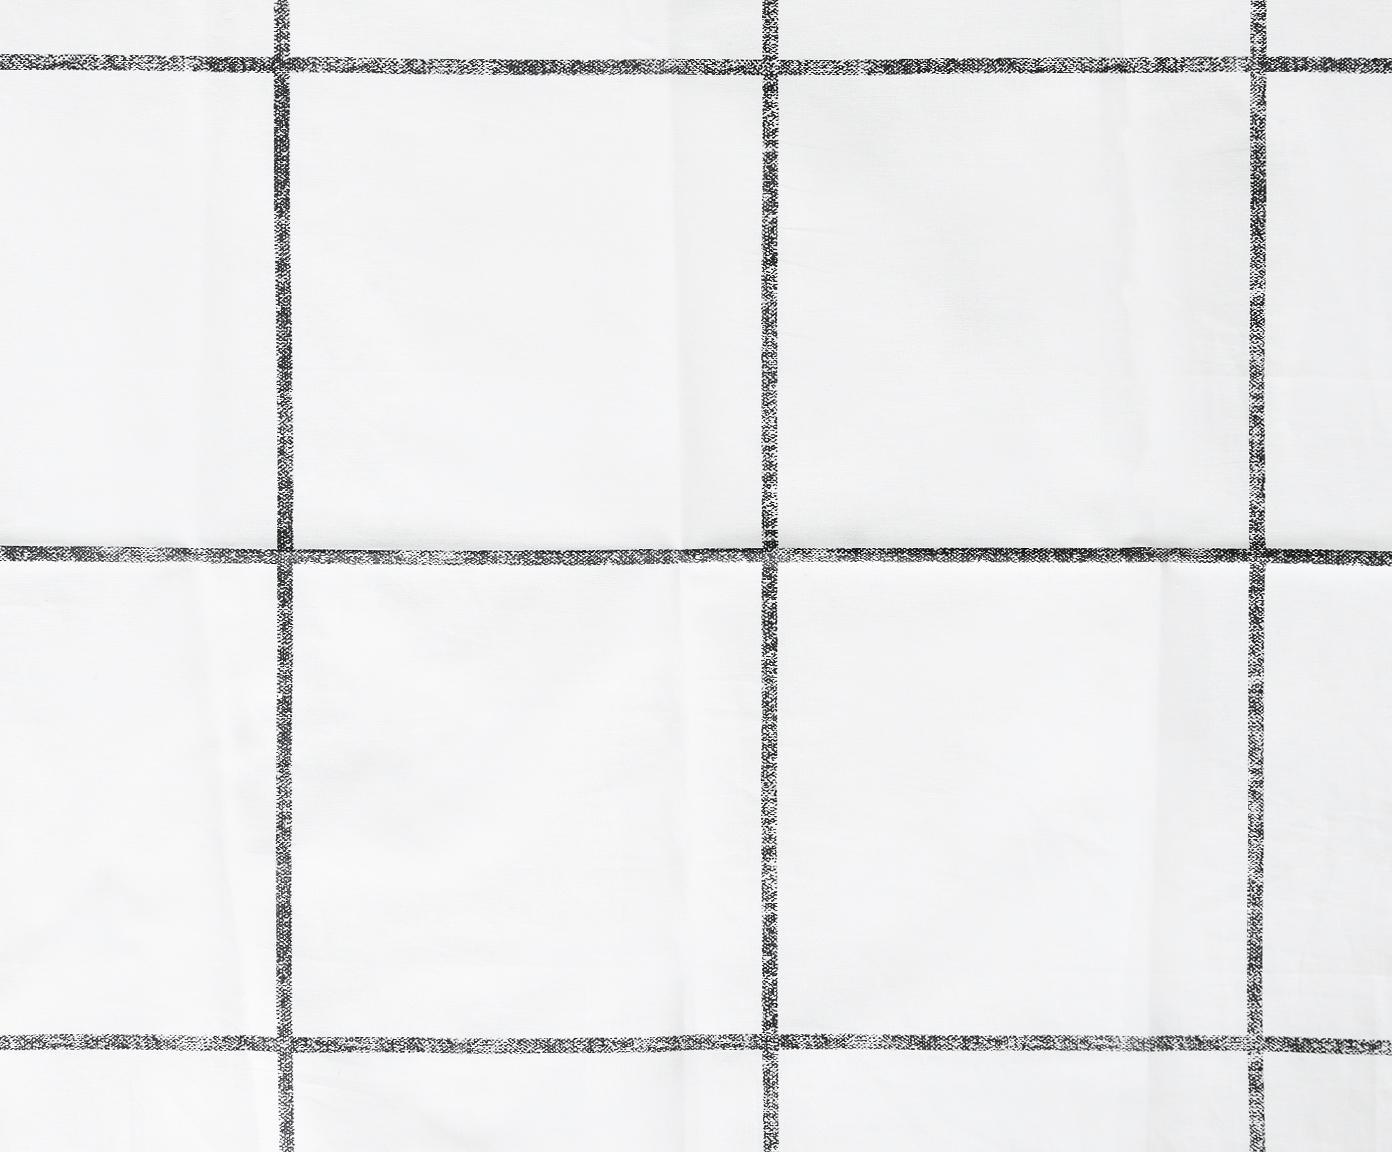 Pościel z perkalu Juna, Biały, czarny, 135 x 200 cm